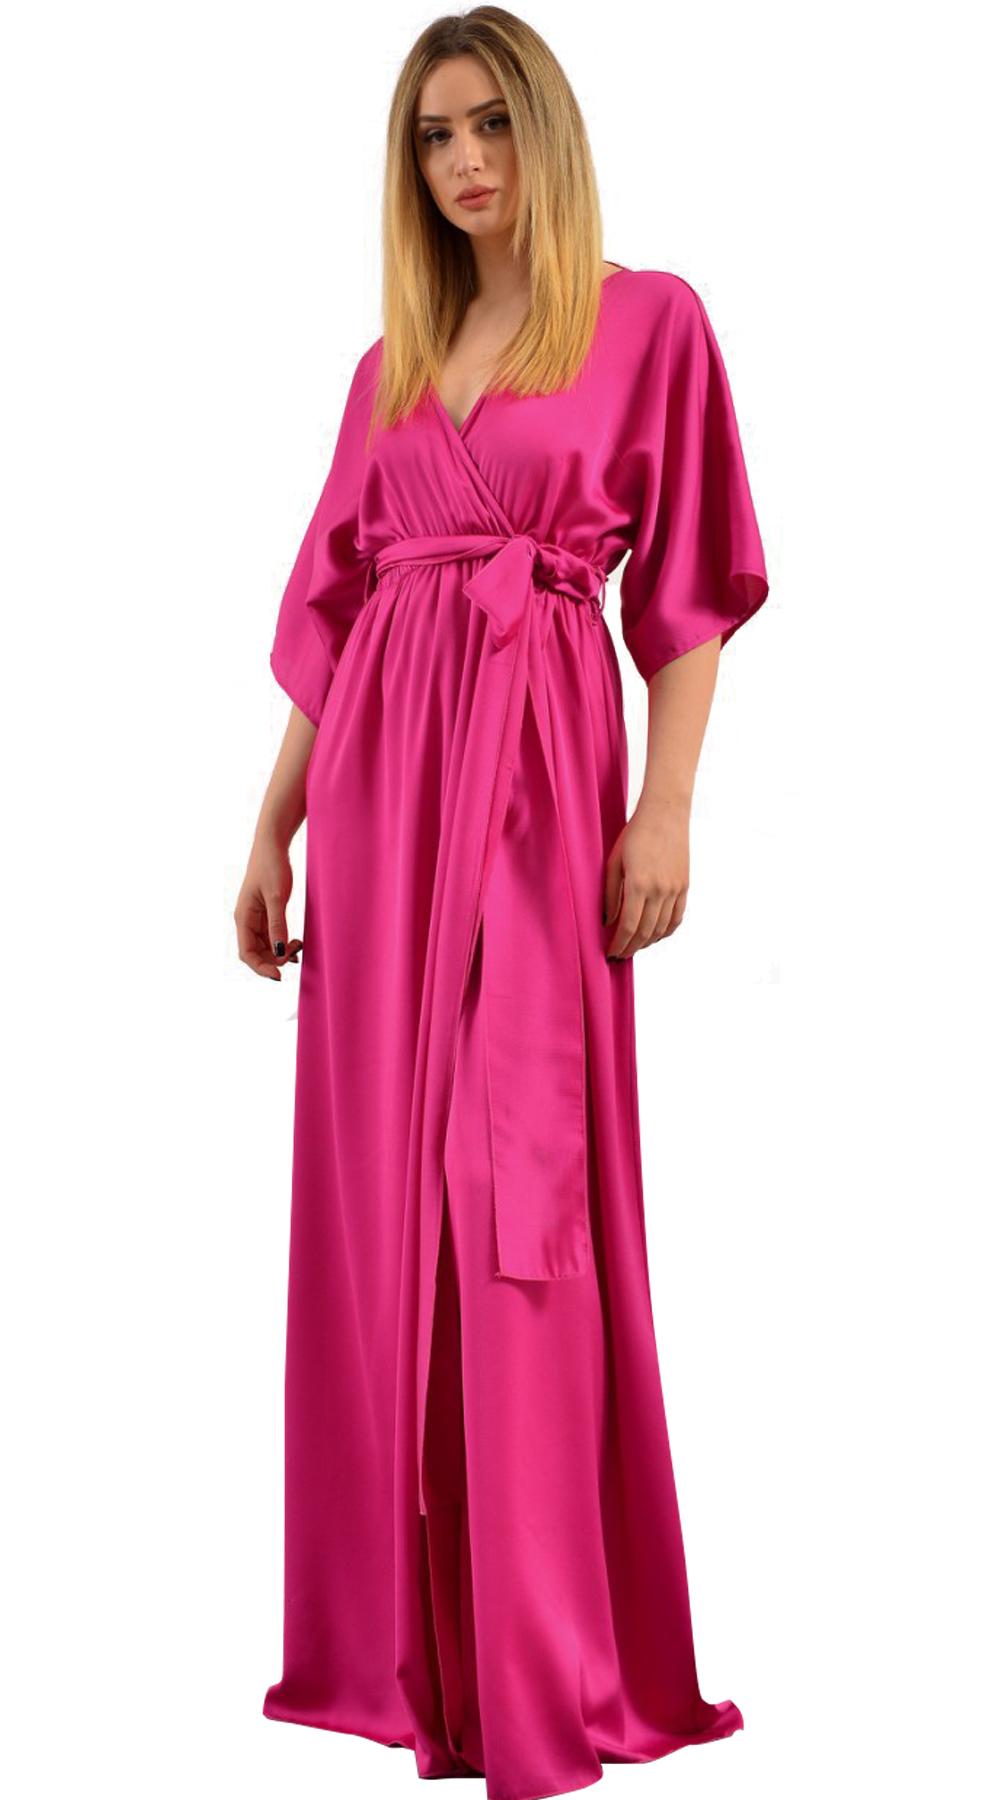 Μάξι φόρεμα Satin Robe με σκίσιμο μπροστά Limited Collection - LOVE ME - SP18LV- glam occassions wedding shop